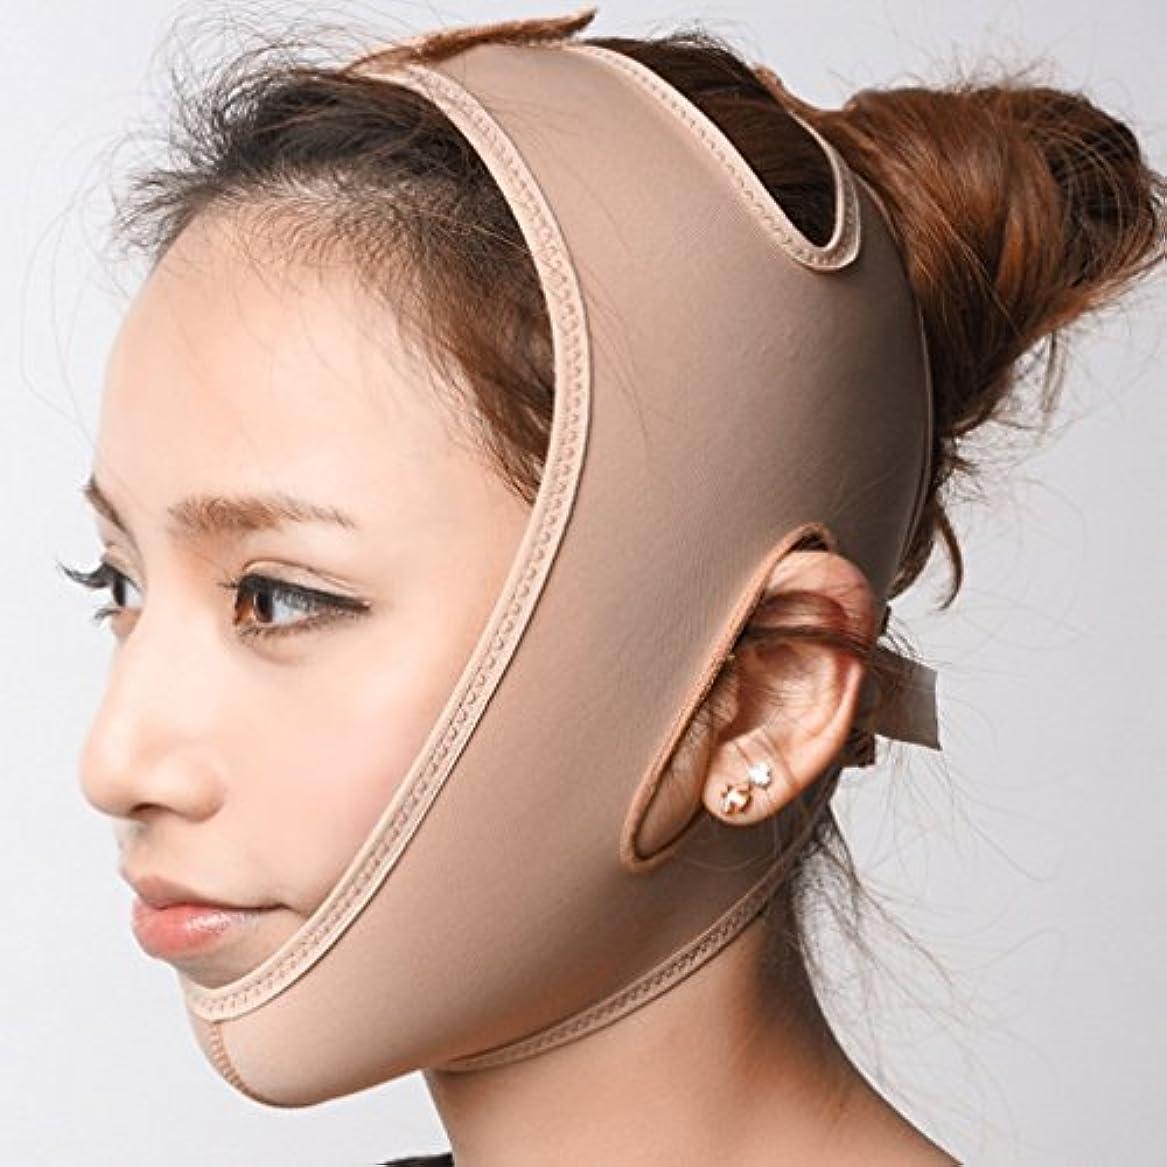 袋有益マイクロフォンフェイスマスク 引き上げマスク フェイスラインベルト 小顔マスク 小顔ベルト 頬のたるみ 美容顔マスク 矯正 顔痩せ 額、顎下、頬リフトアップ Mサイズ